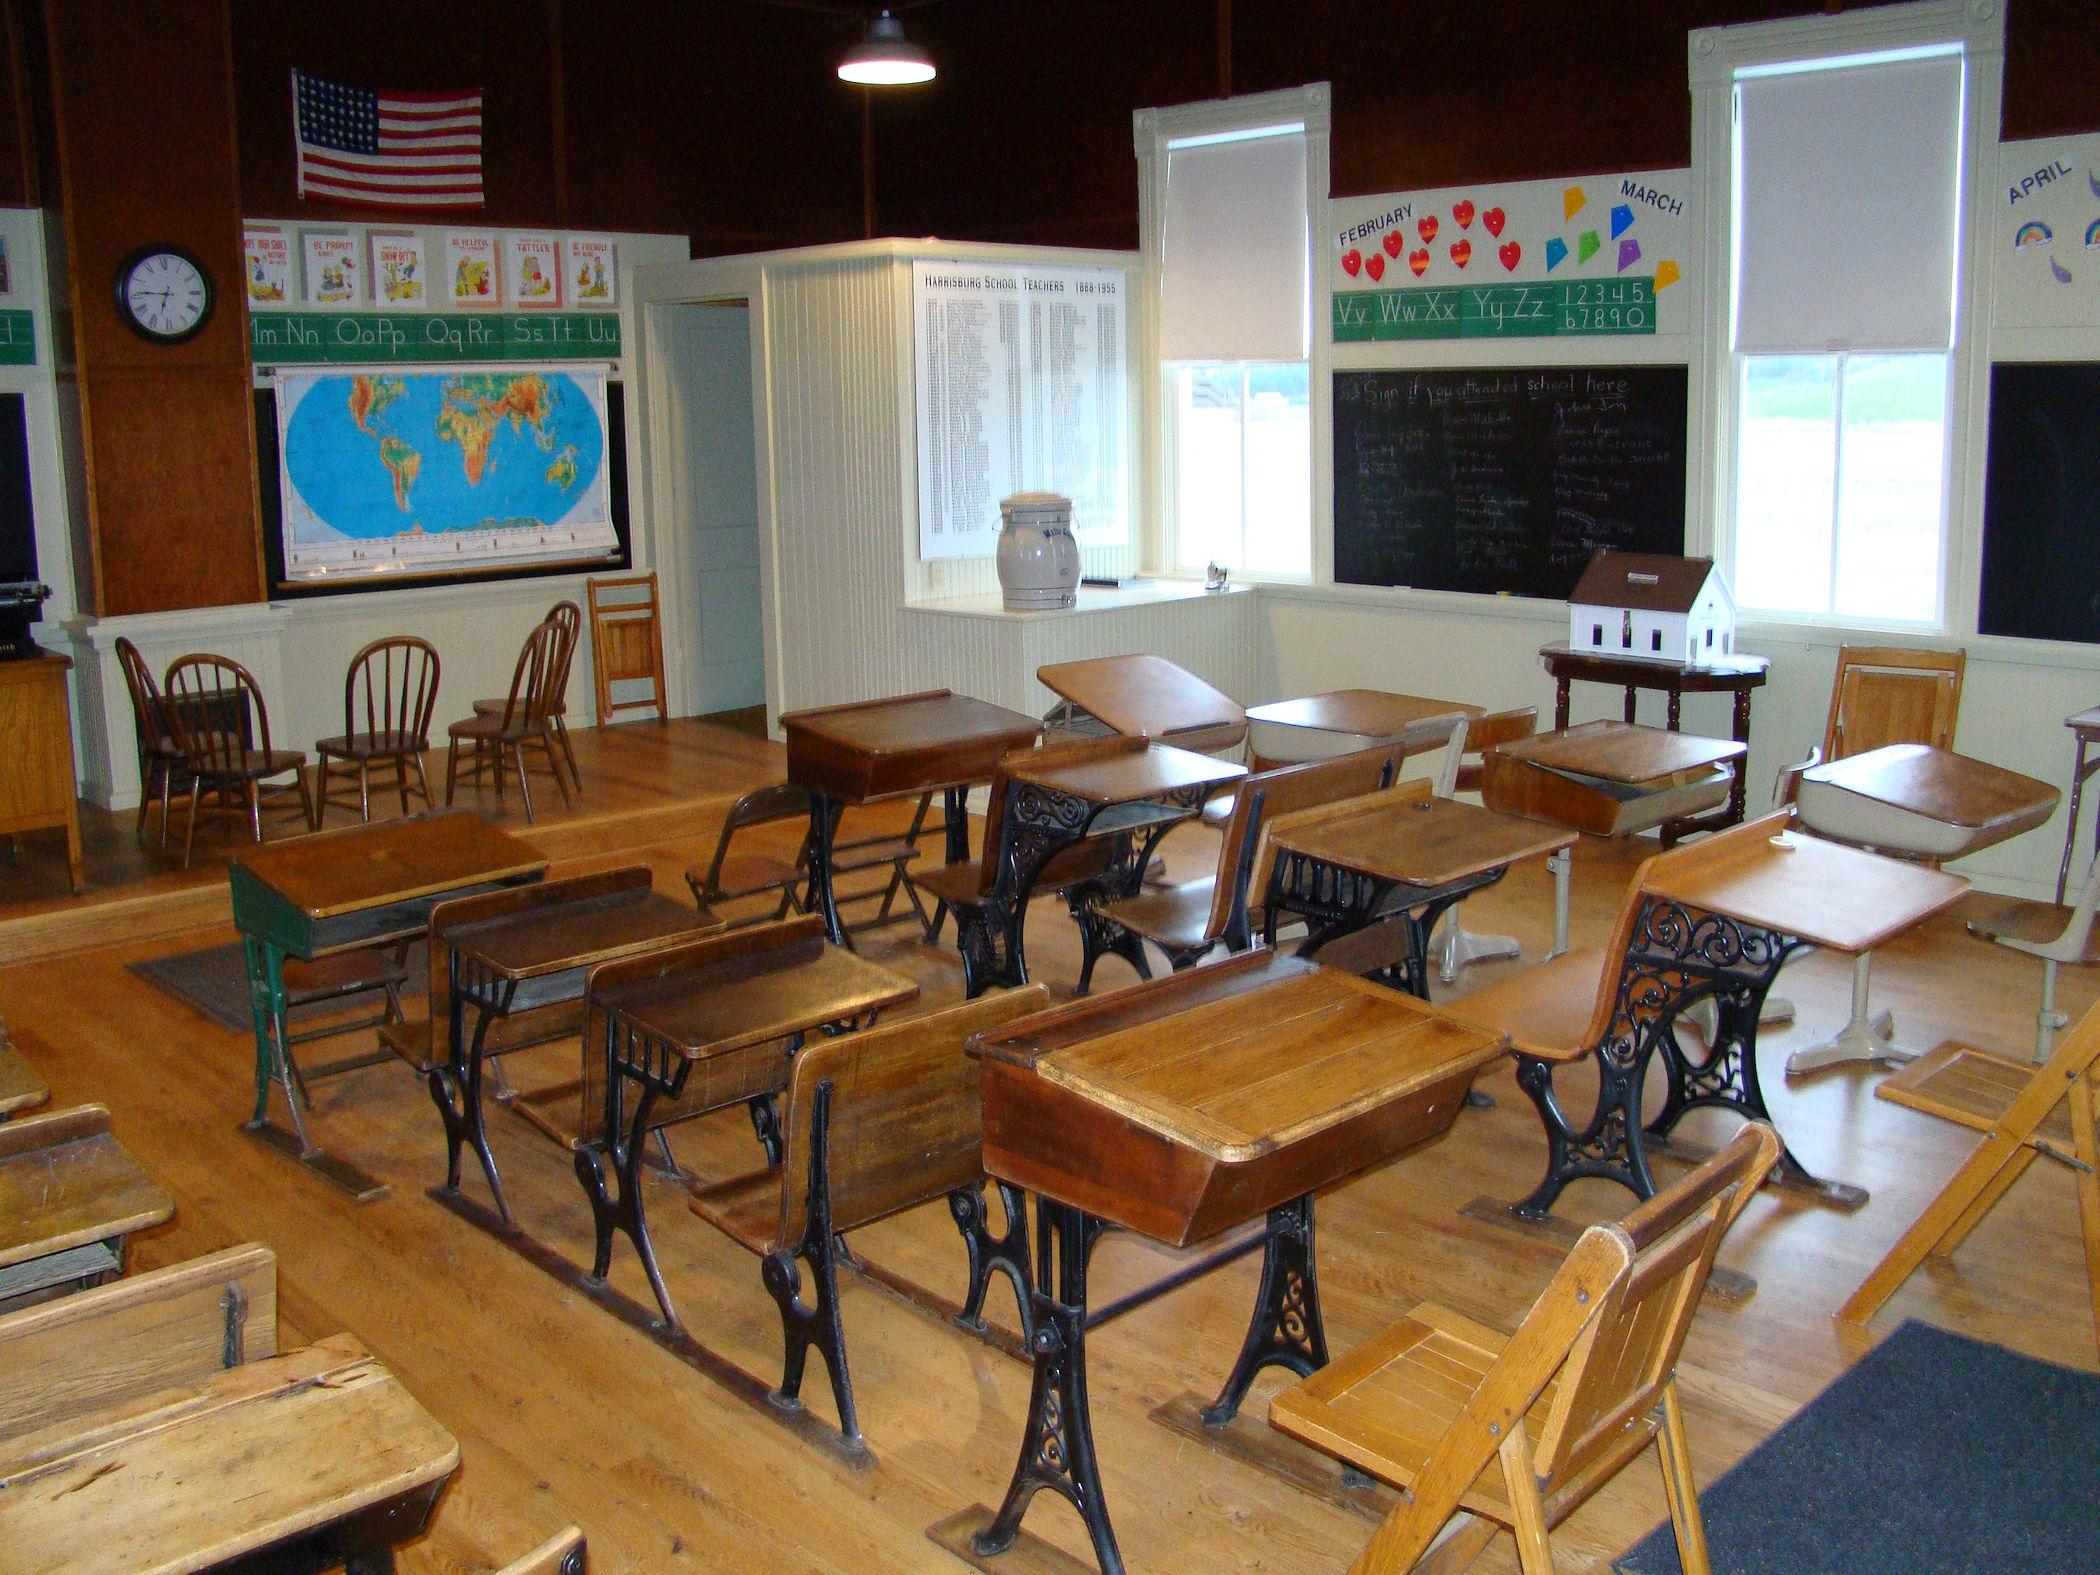 Interior 3, 4-27-11.jpg